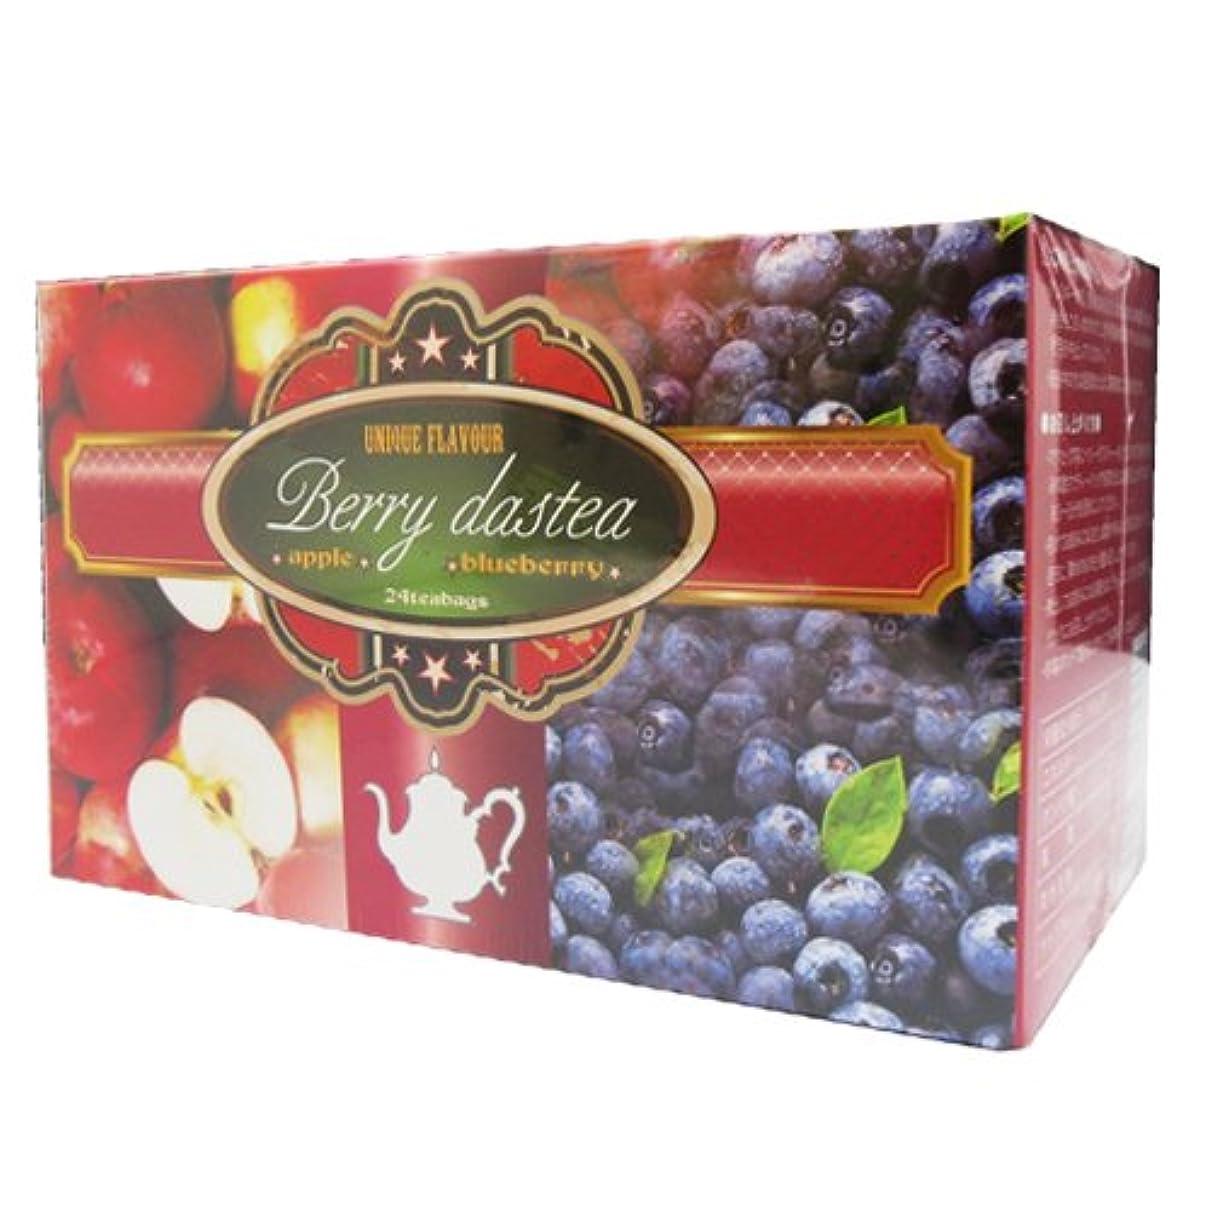 インデックスアレルギー性めまいがケン?ネット  ベリーダスティー(Berry dastea)    24包